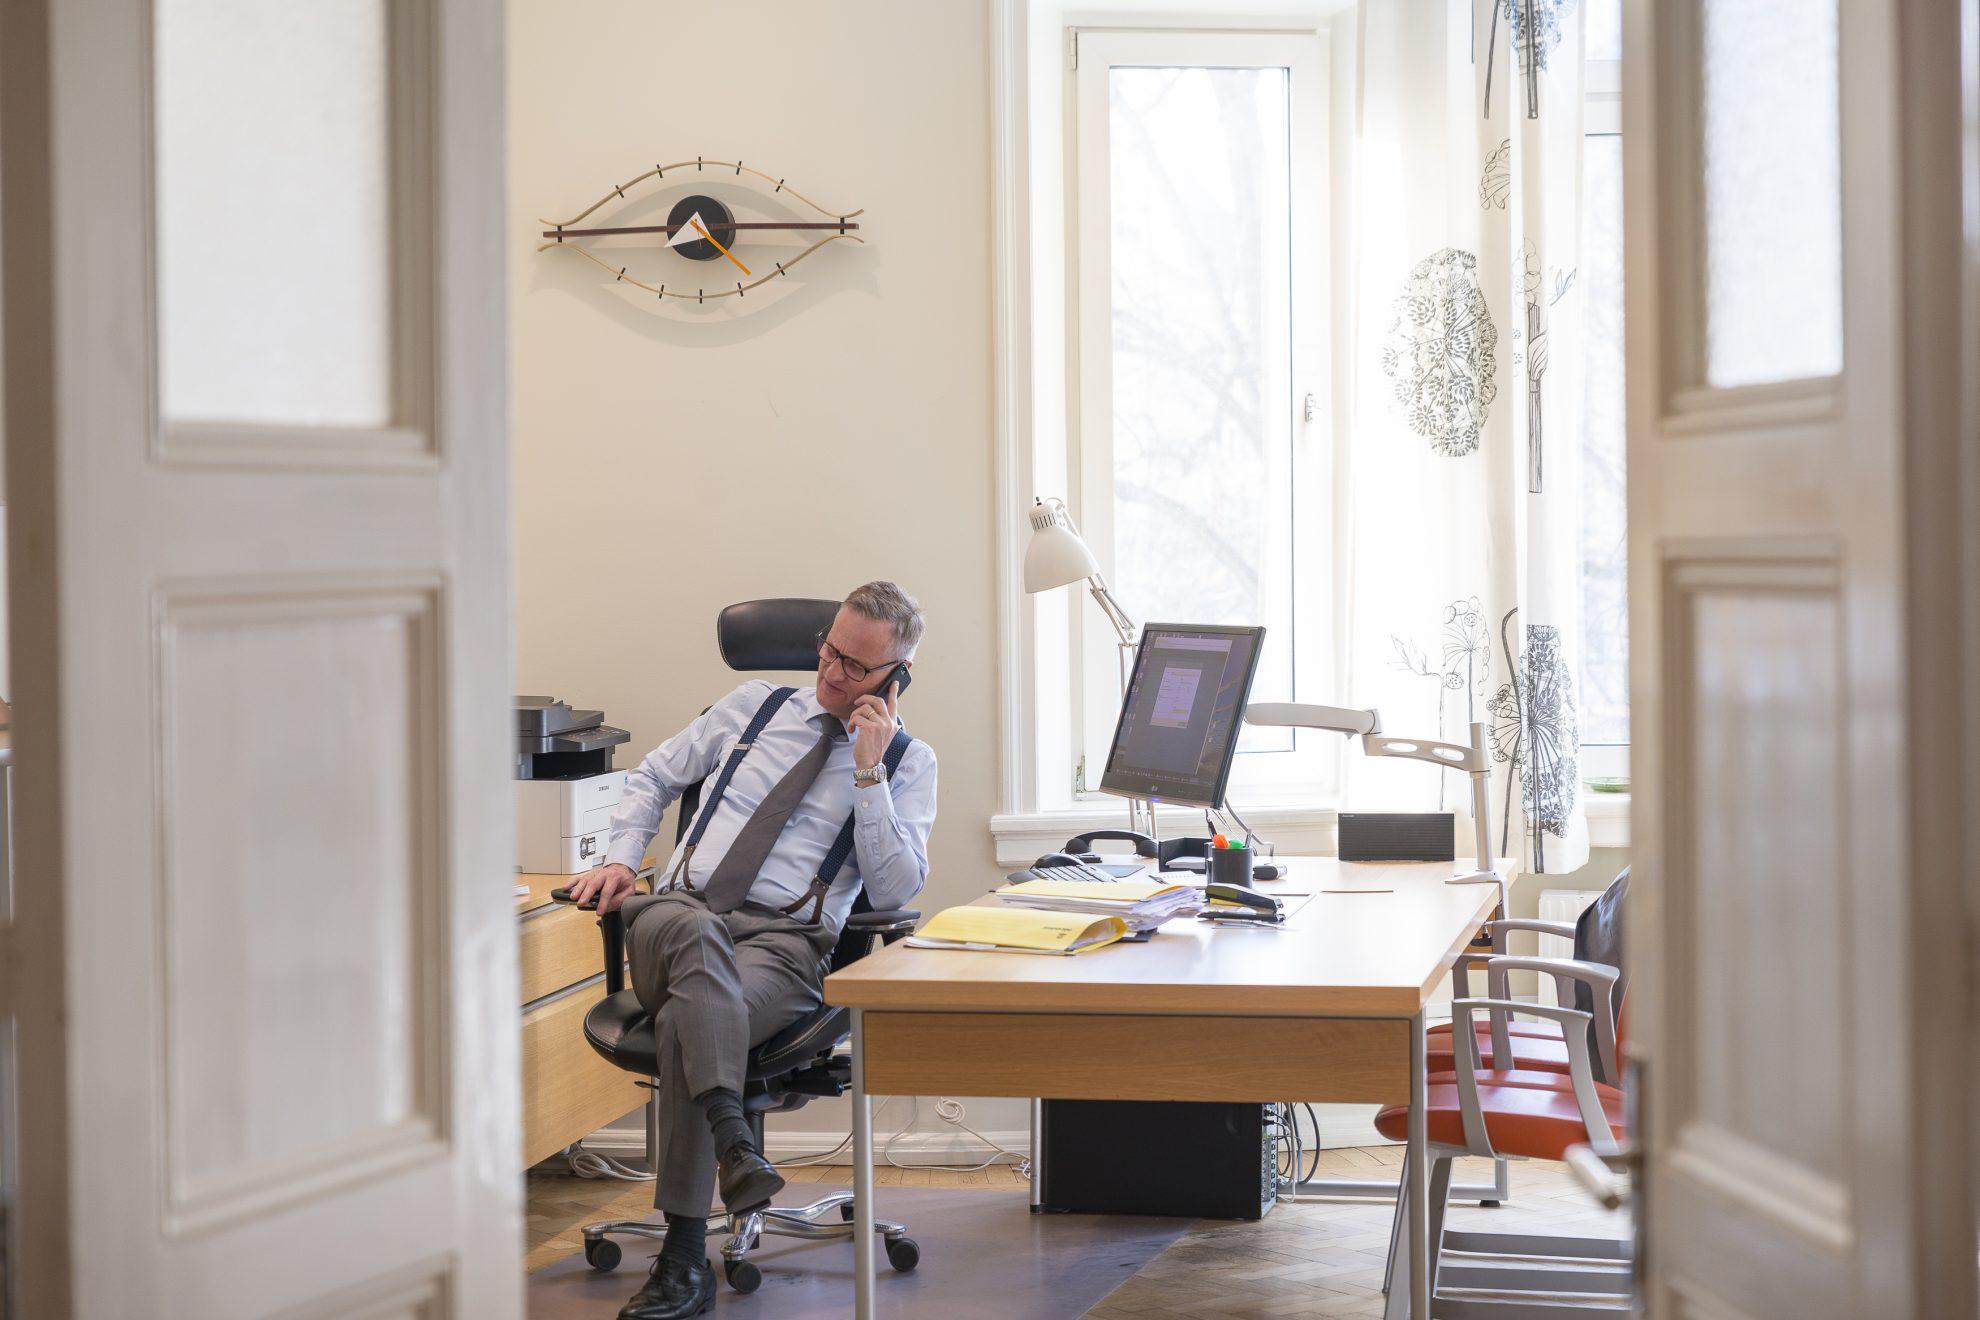 advokatbyrå i malmö, våra advokater verkar inom flertalet rättsområden